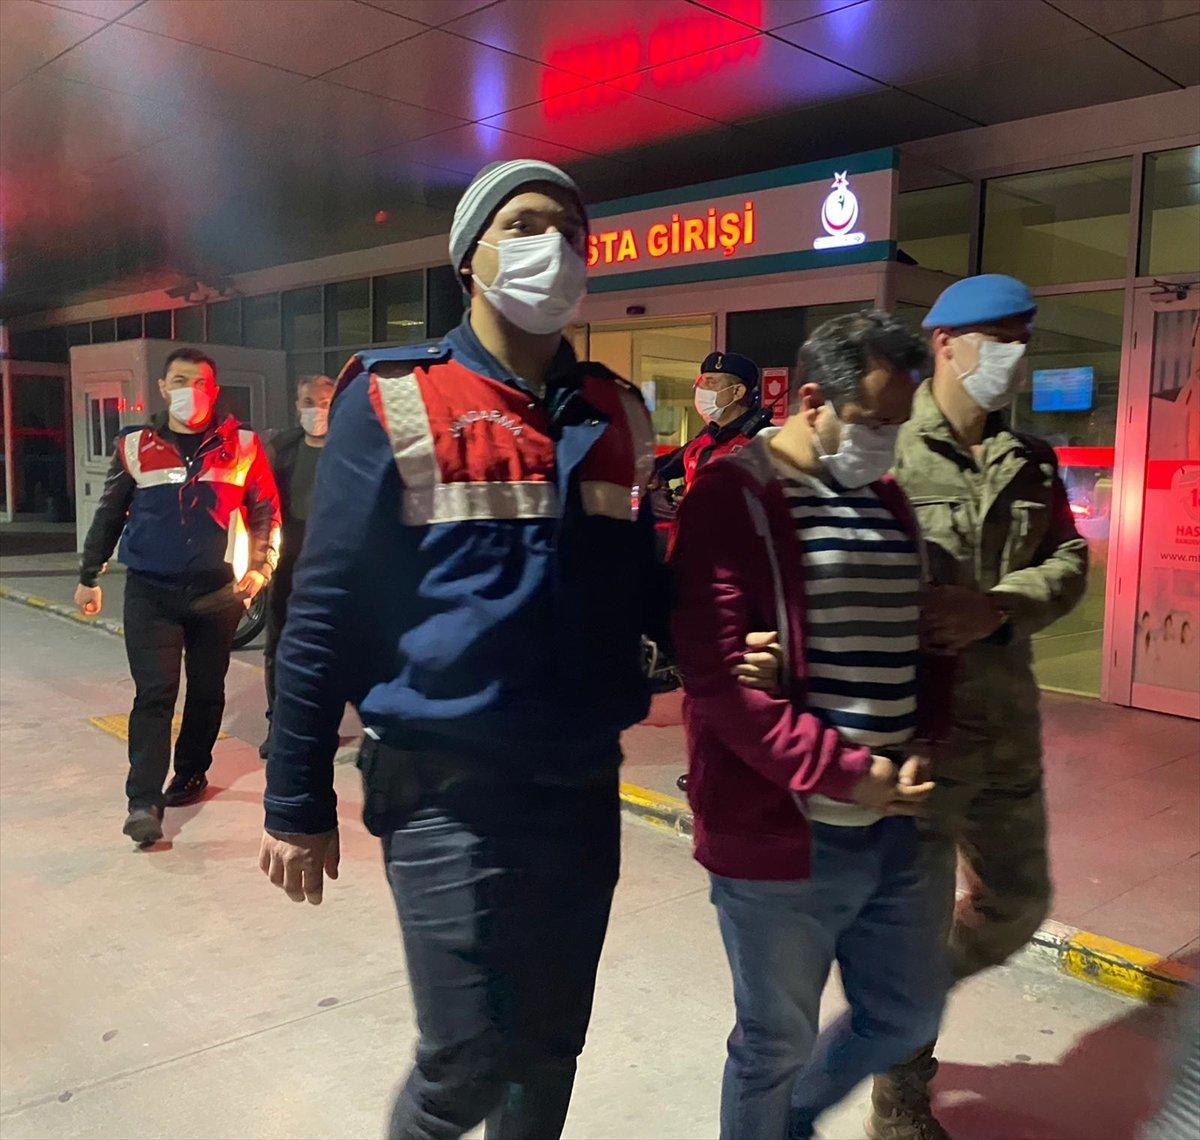 FETÖ nün TSK yapılanmasına operasyon: 41 kişi tutuklandı #3